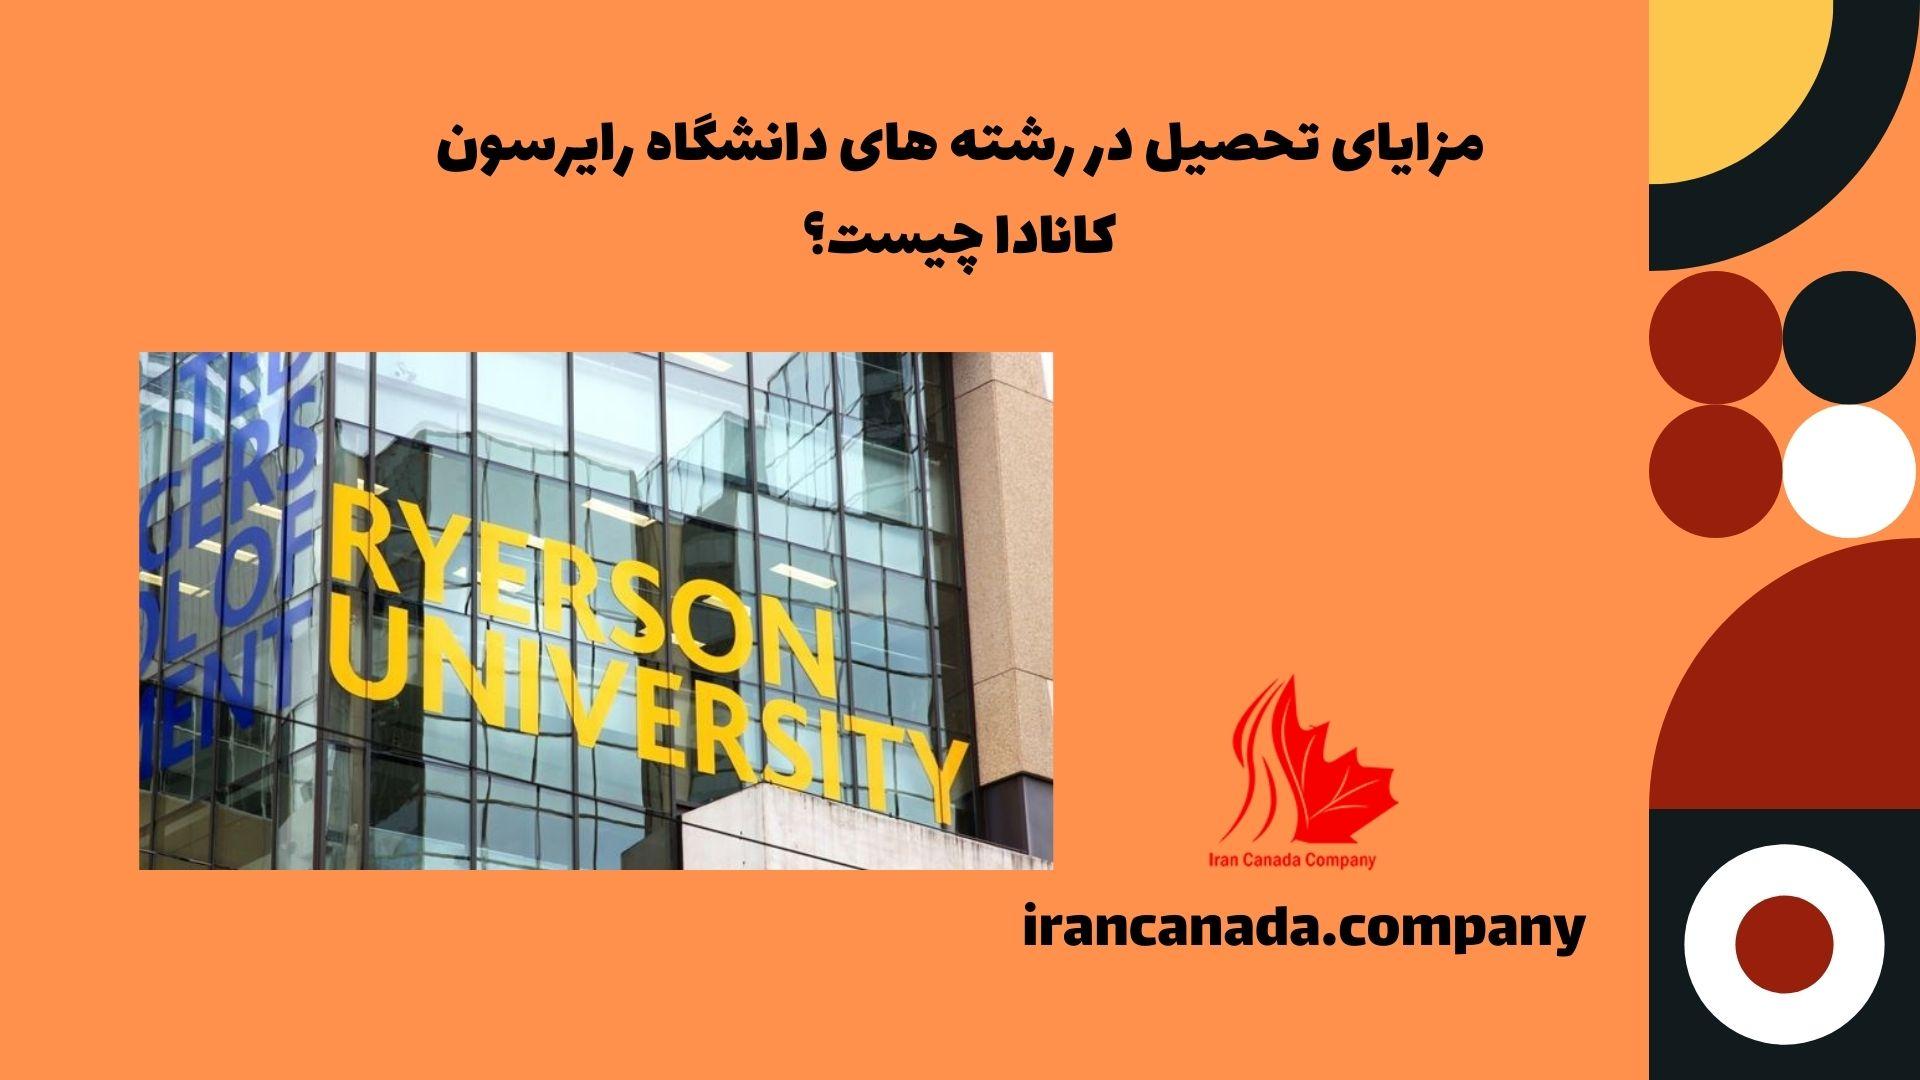 مزایای تحصیل در رشته های دانشگاه رایرسون کانادا چیست؟